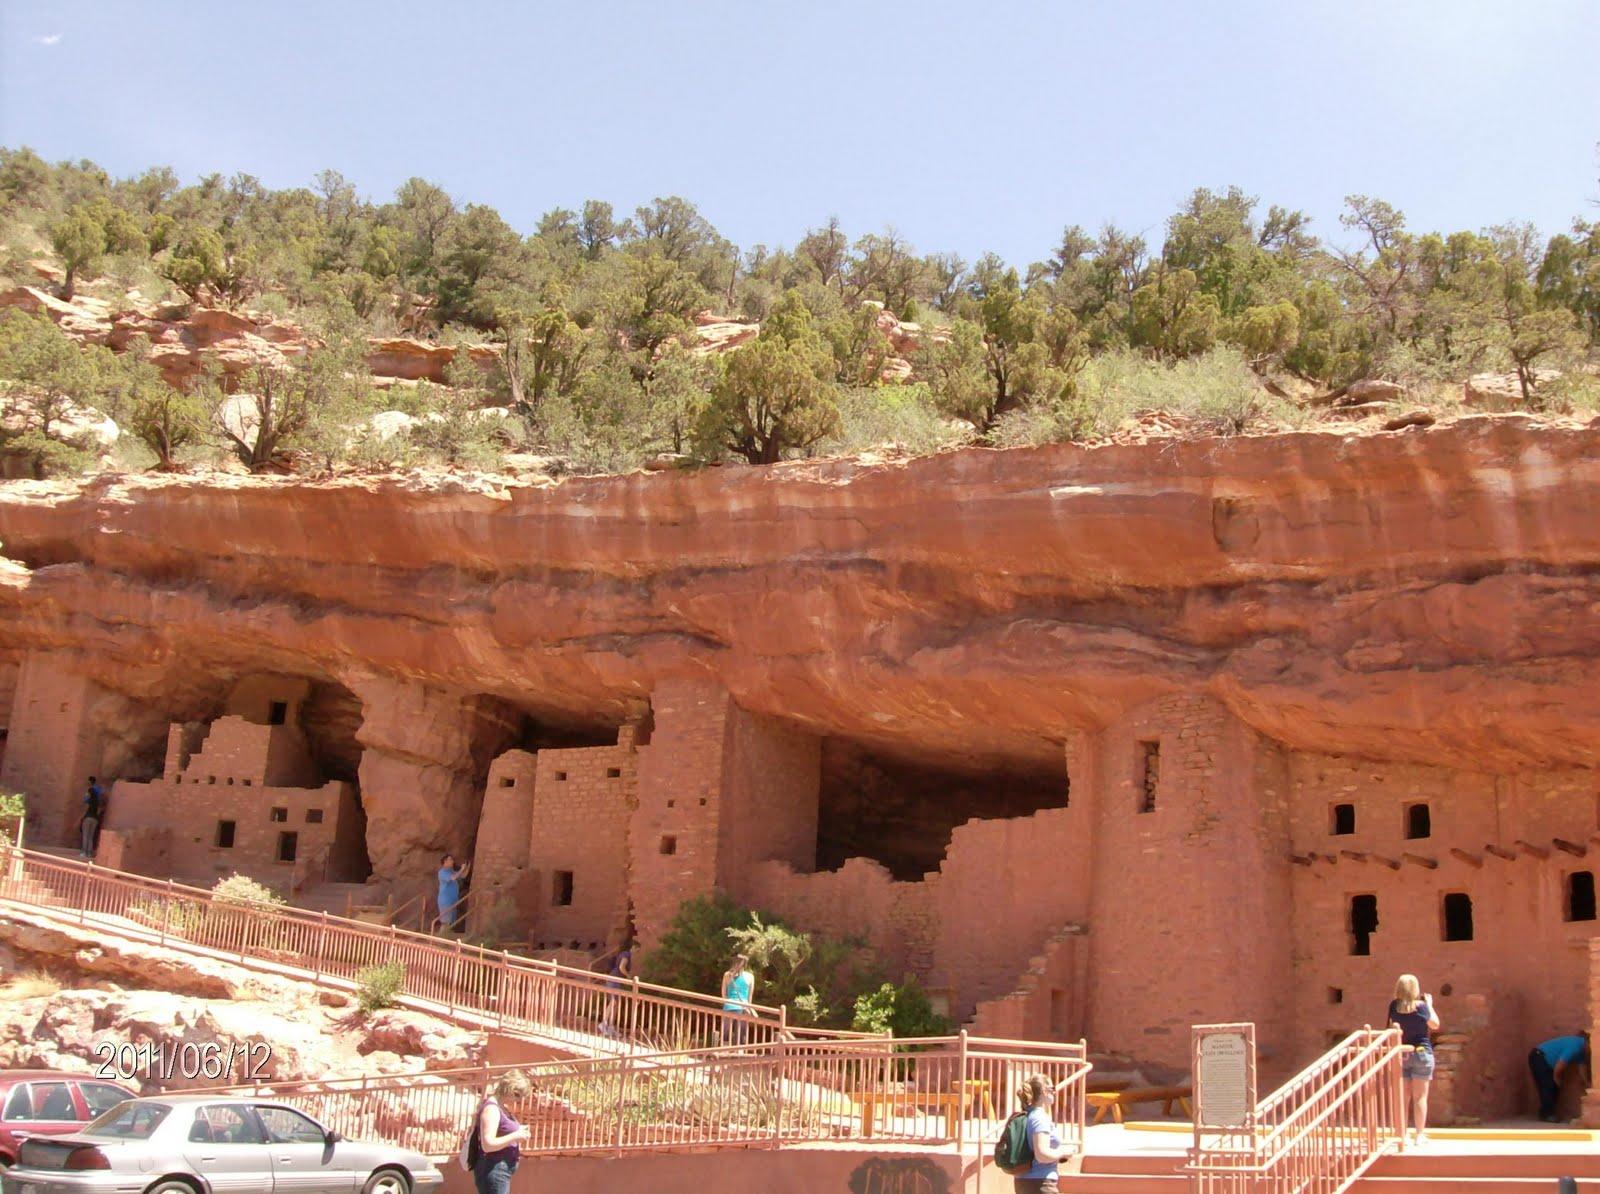 Anasazi Homes By the anasazi (meaning: galleryhip.com/anasazi-homes.html